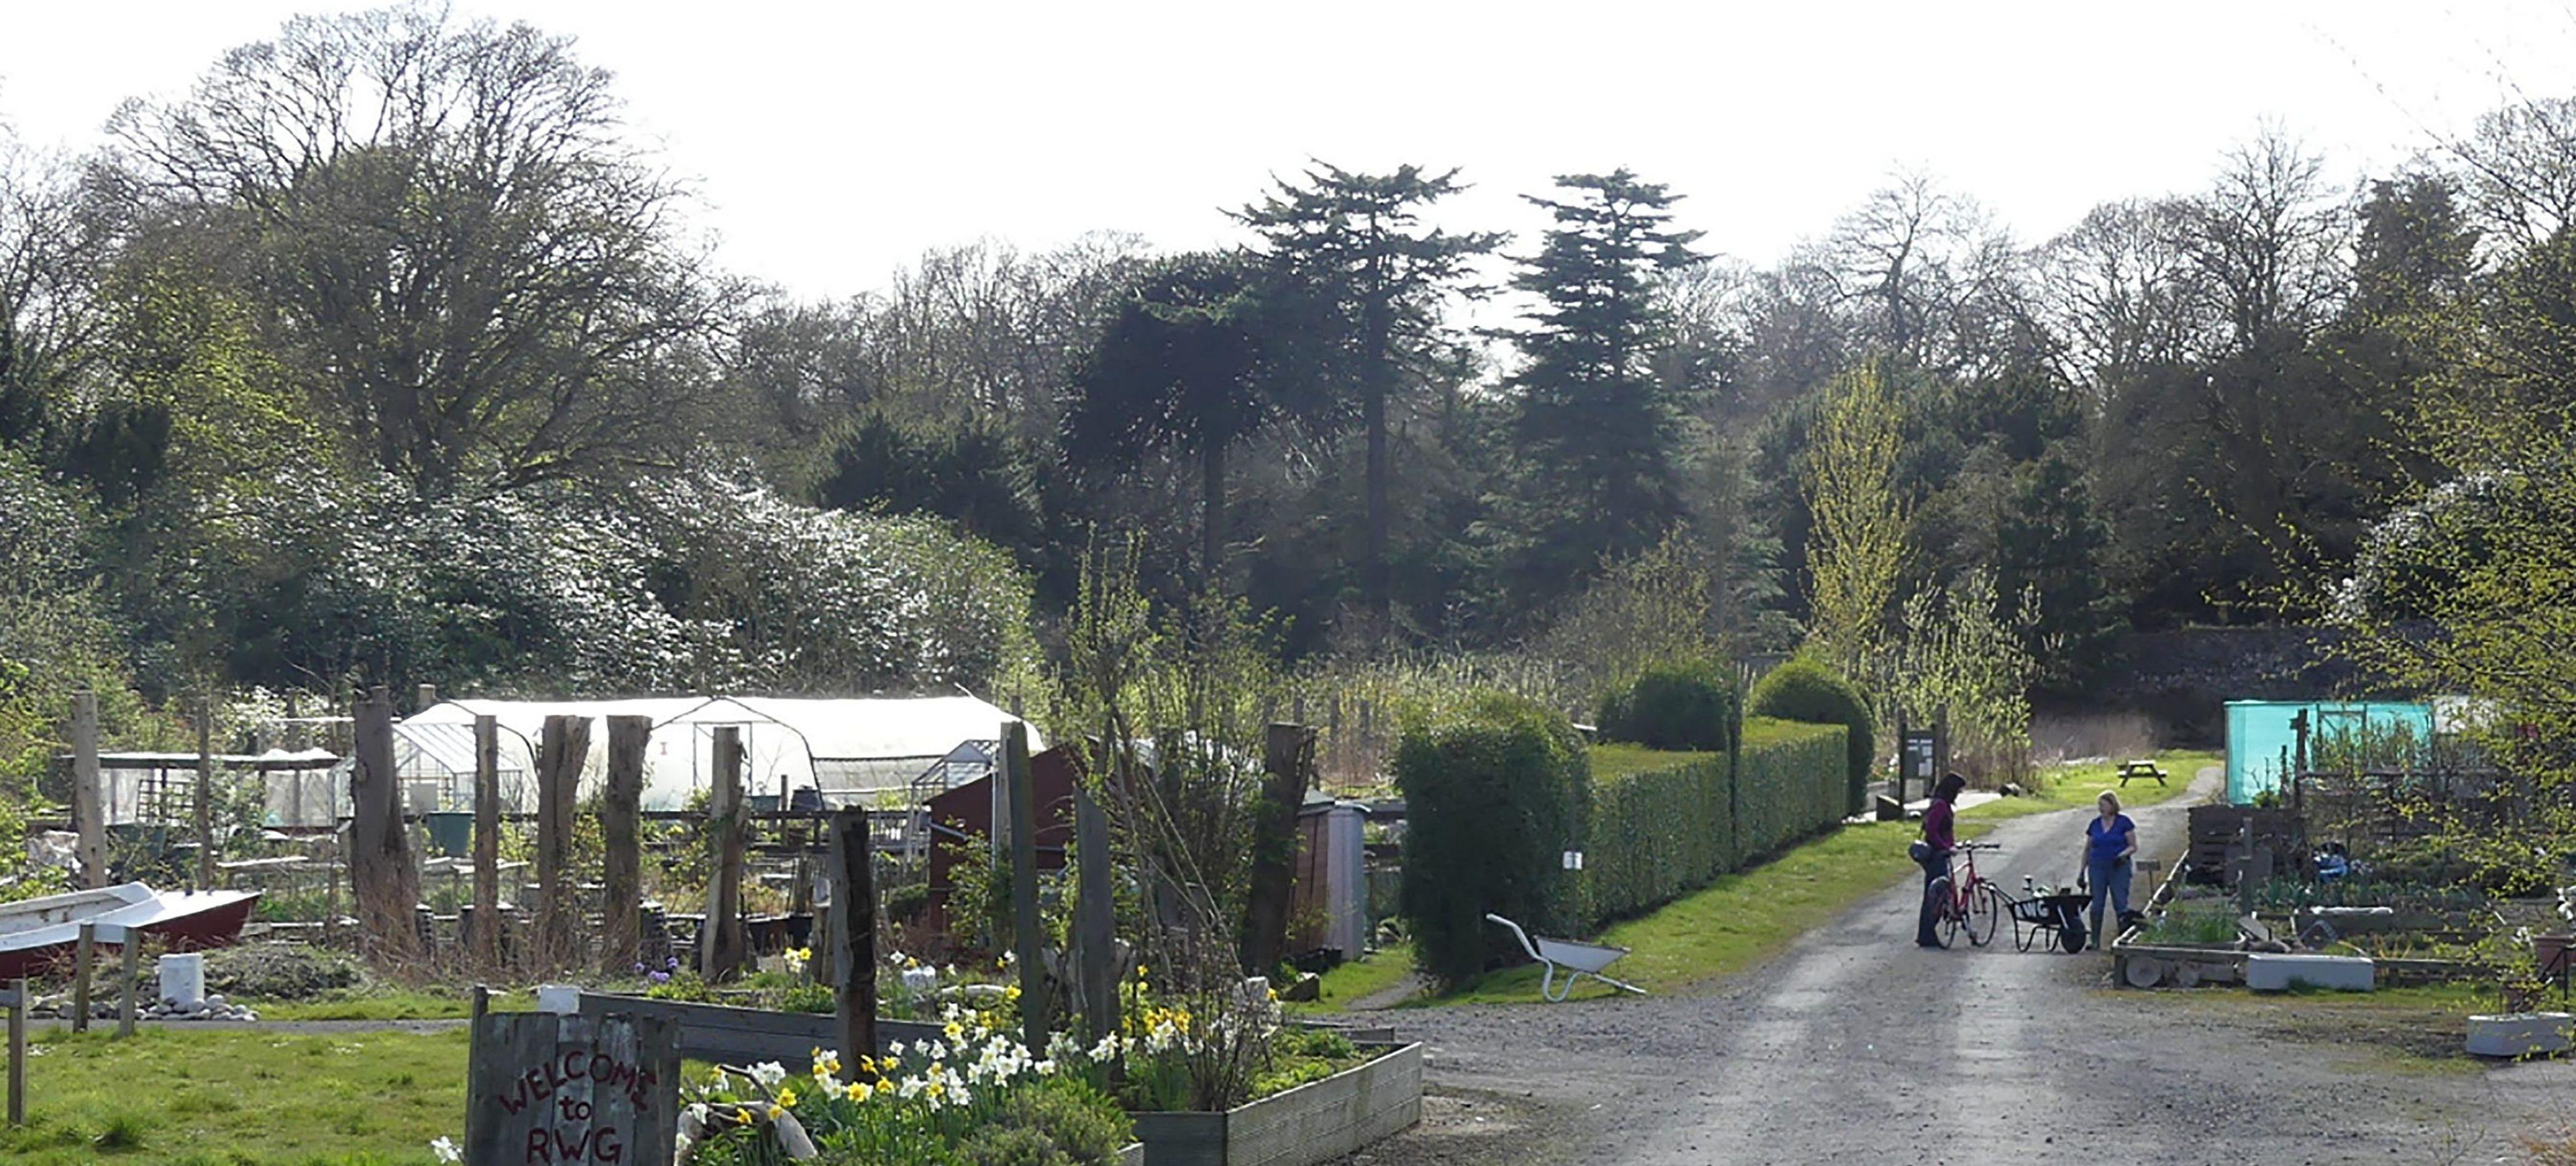 The Ravenscraig walled garden